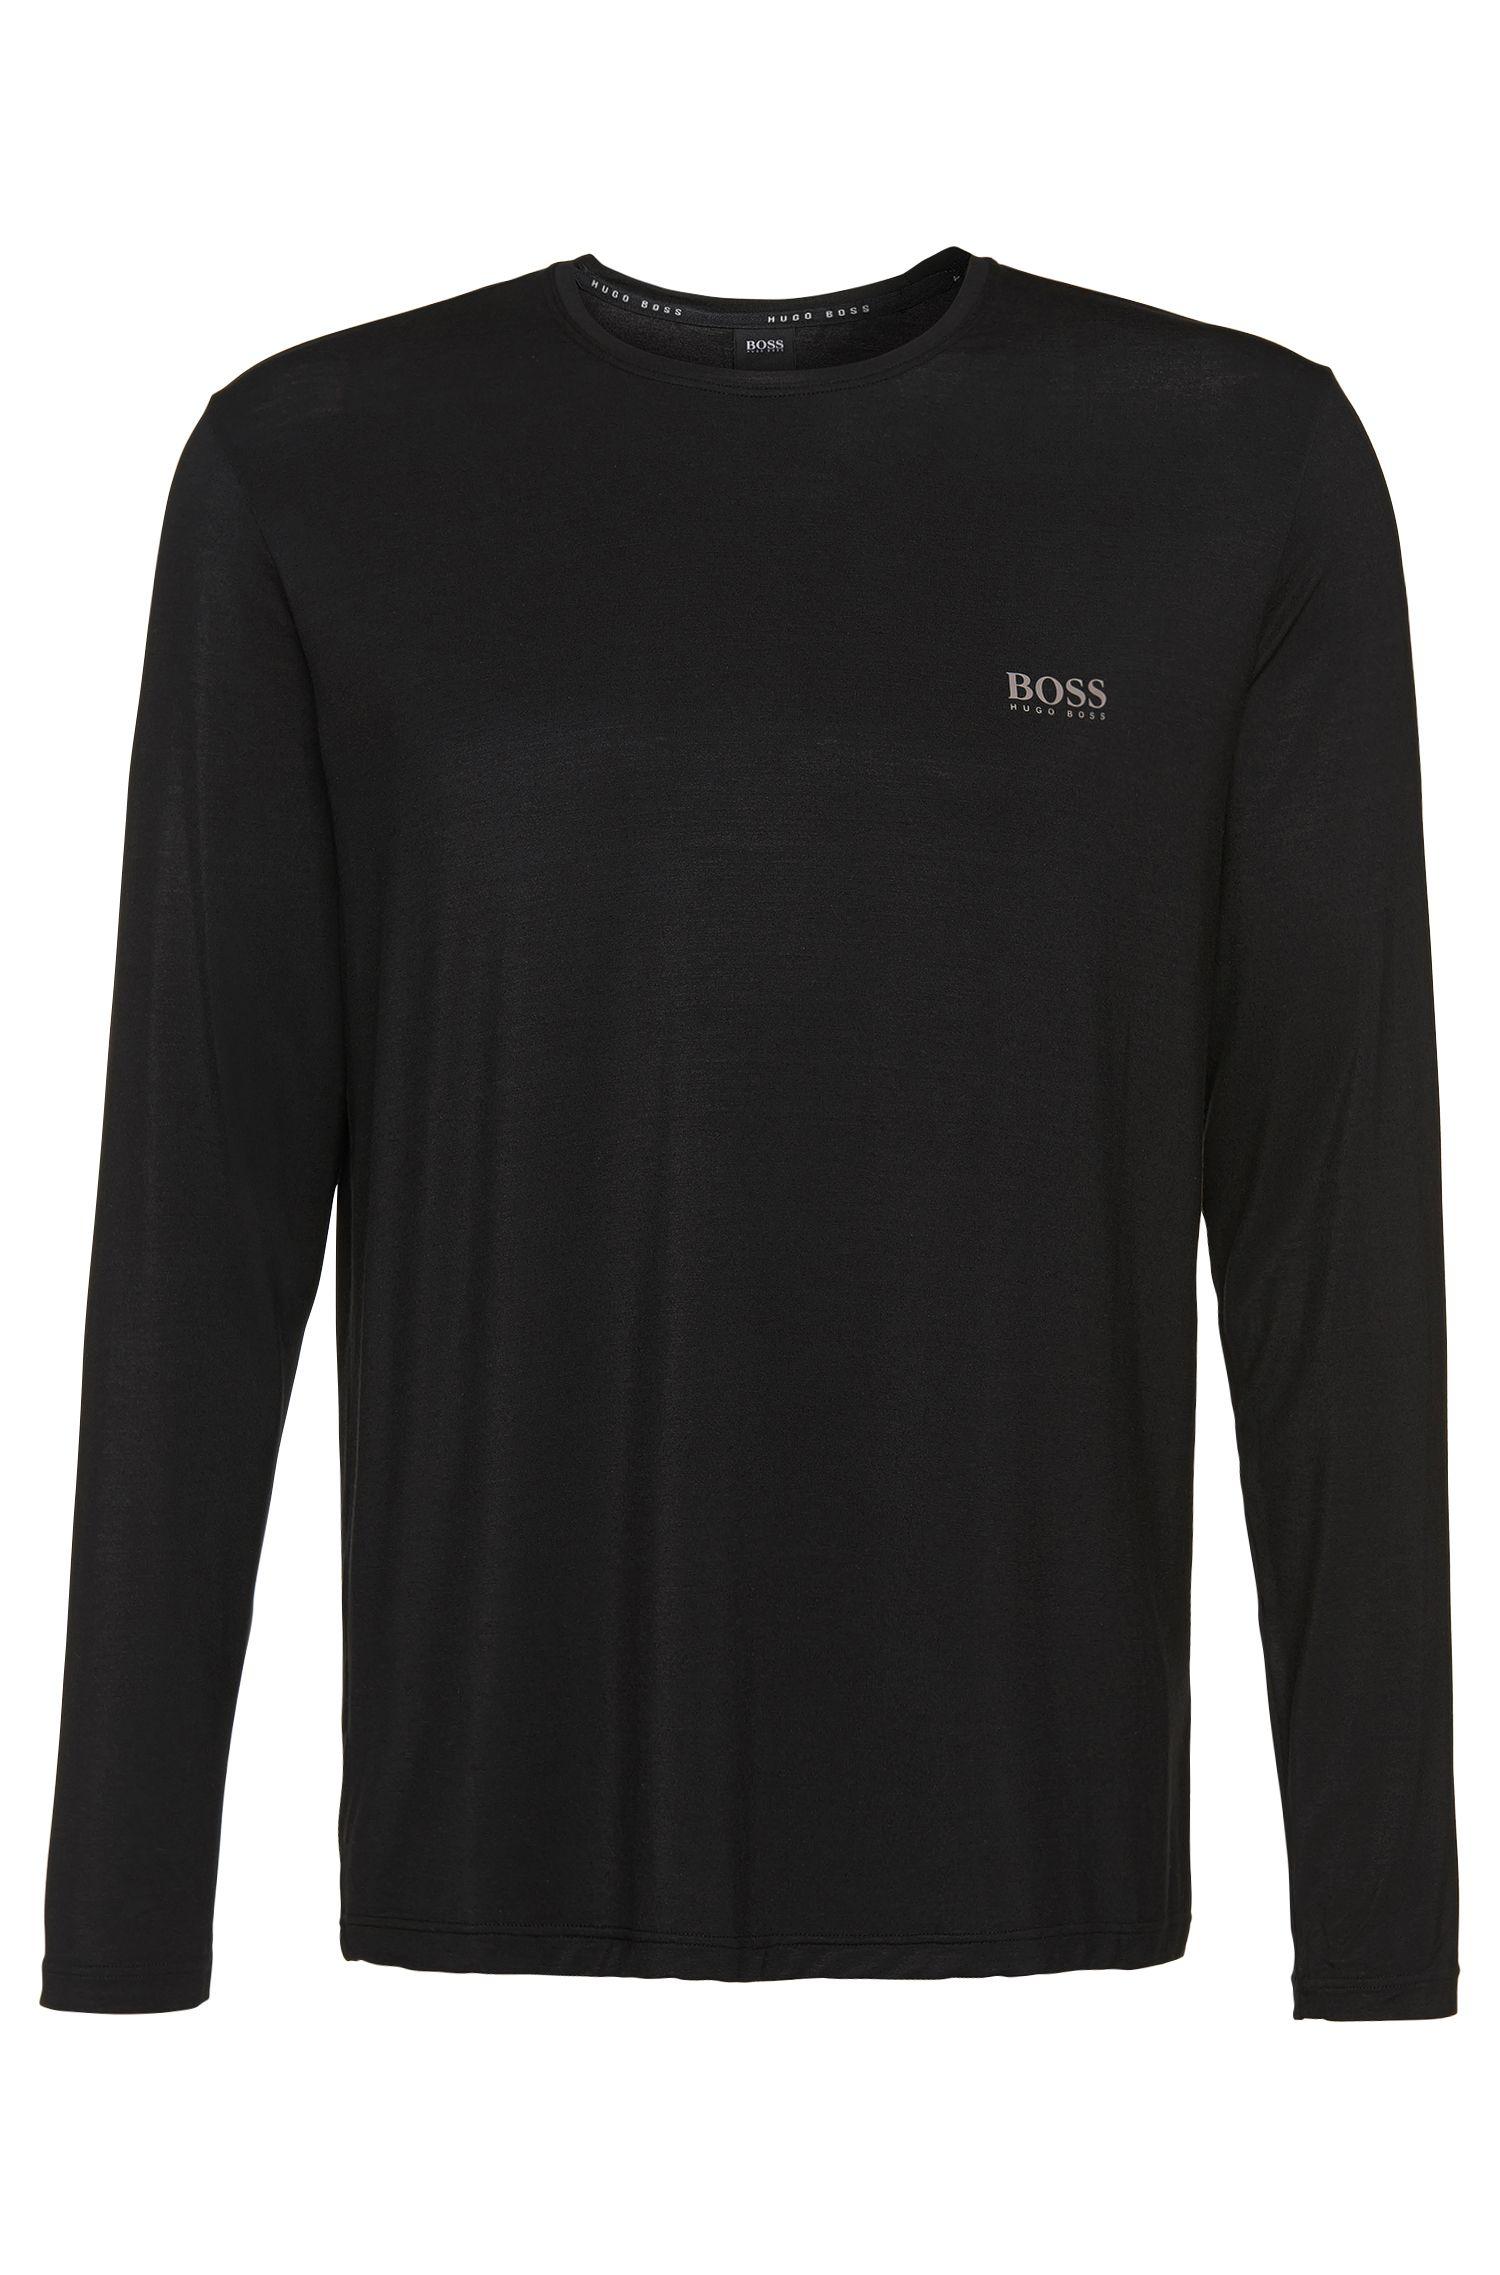 Stretch Modal Long Sleeve T-Shirt | Shirt RN LS